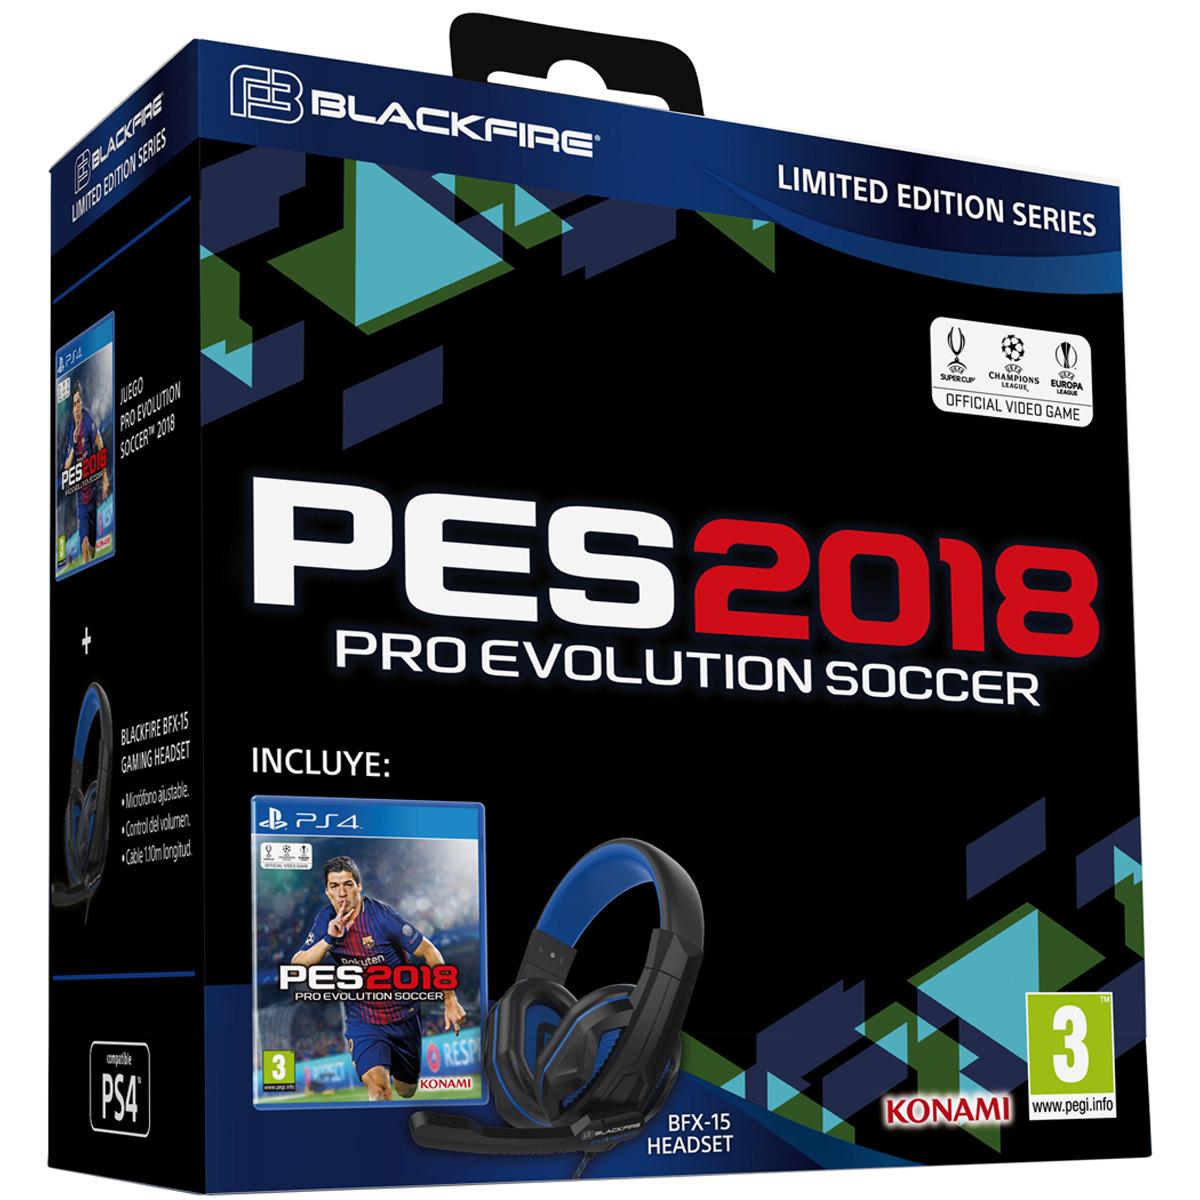 promociones videojuegos